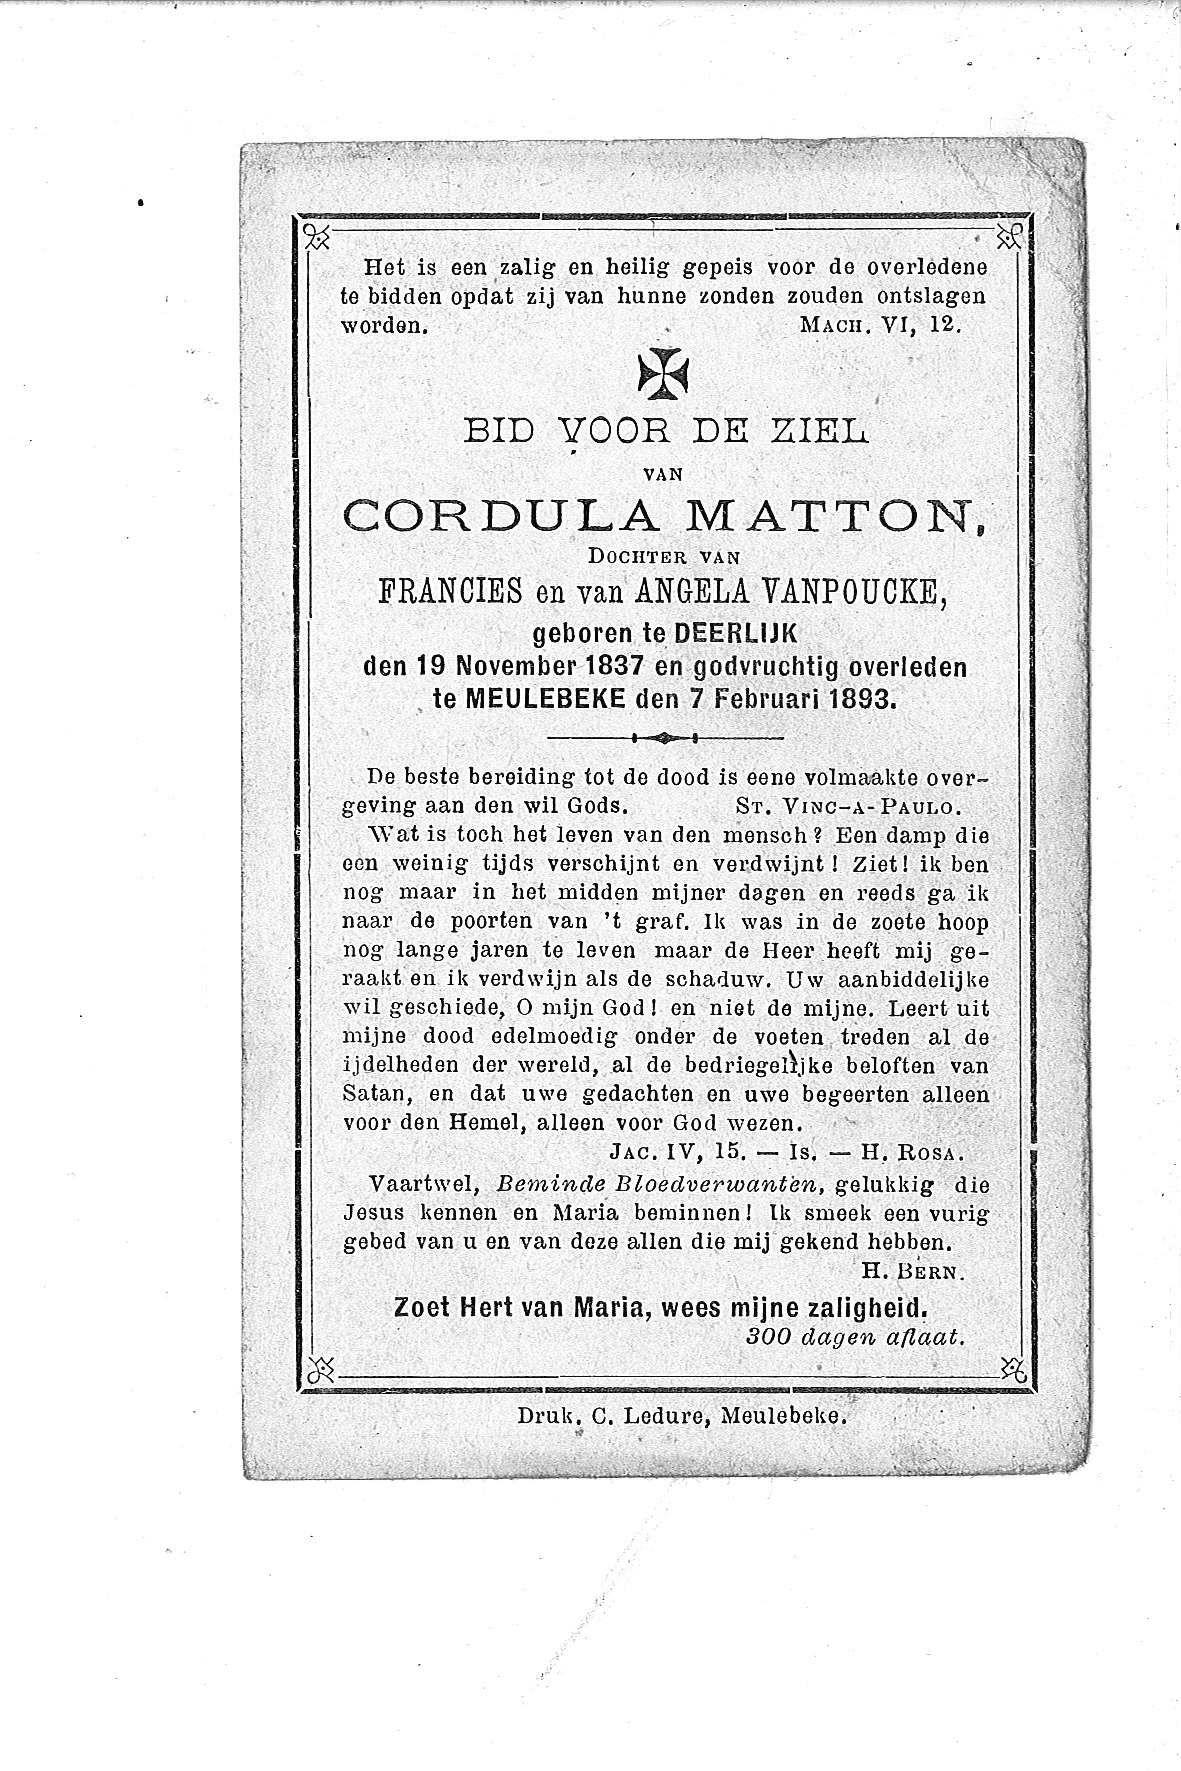 Cordula(1893)20100414160733_00023.jpg